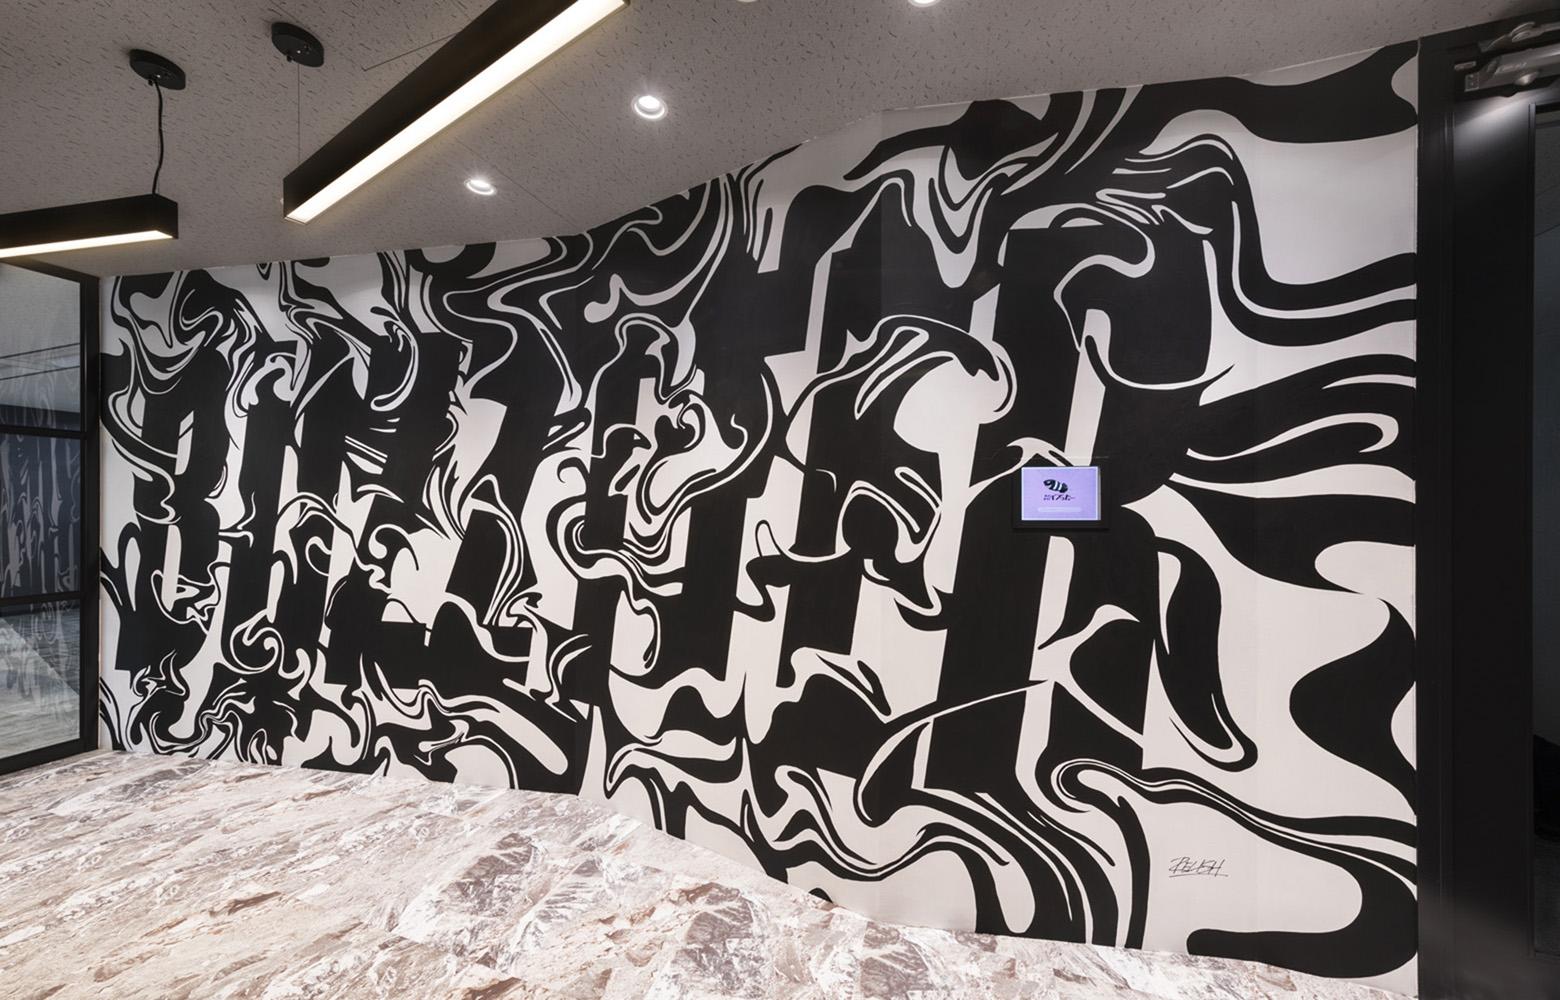 株式会社バズったー Art デザイン・レイアウト事例